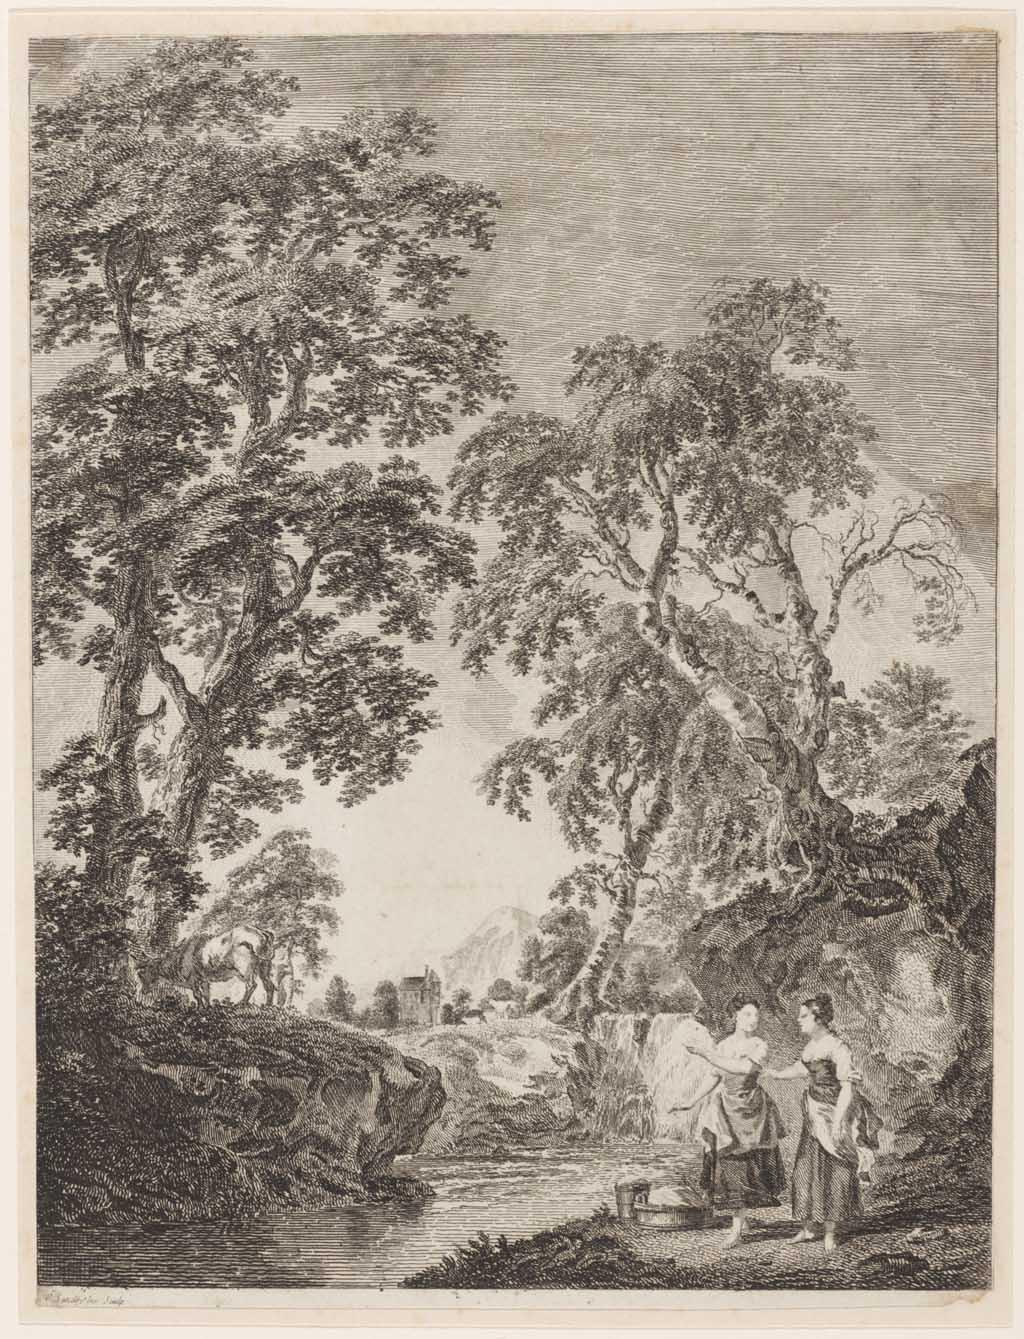 Boomrijk landschap met water. rechts op de voorgrond twee in gesprek zijnde vrouwen bij wasgoed